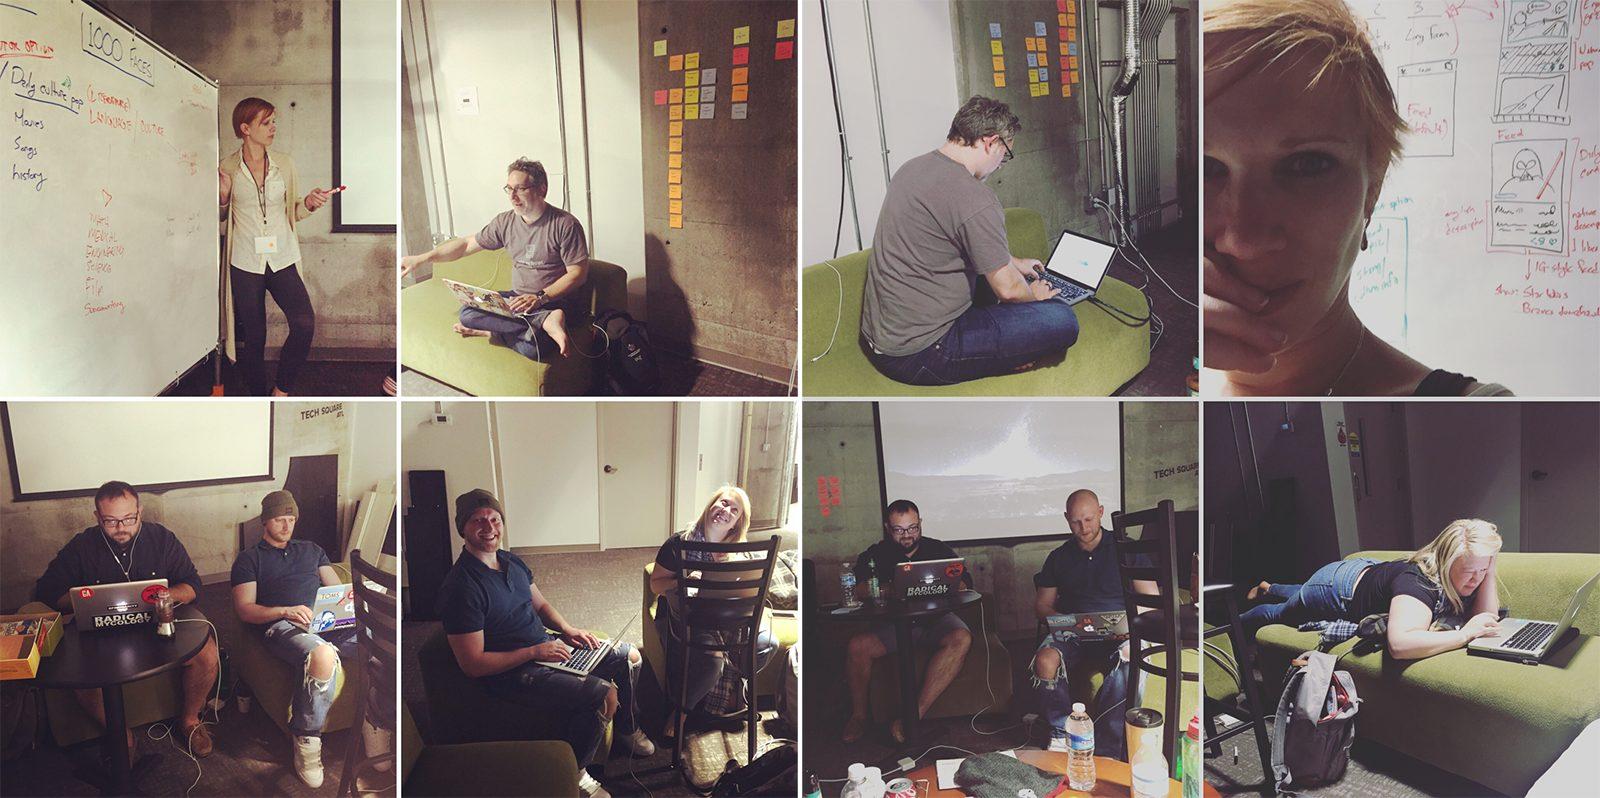 Xây dựng nguyên mẫu là hoạt động kinh doanh nghiêm túc. Chúng tôi đã tận dụng lợi thế của một hackathon để thử nghiệm làm việc cùng nhau và với một nhóm trước khi bỏ công việc hành chính của chúng tôi.